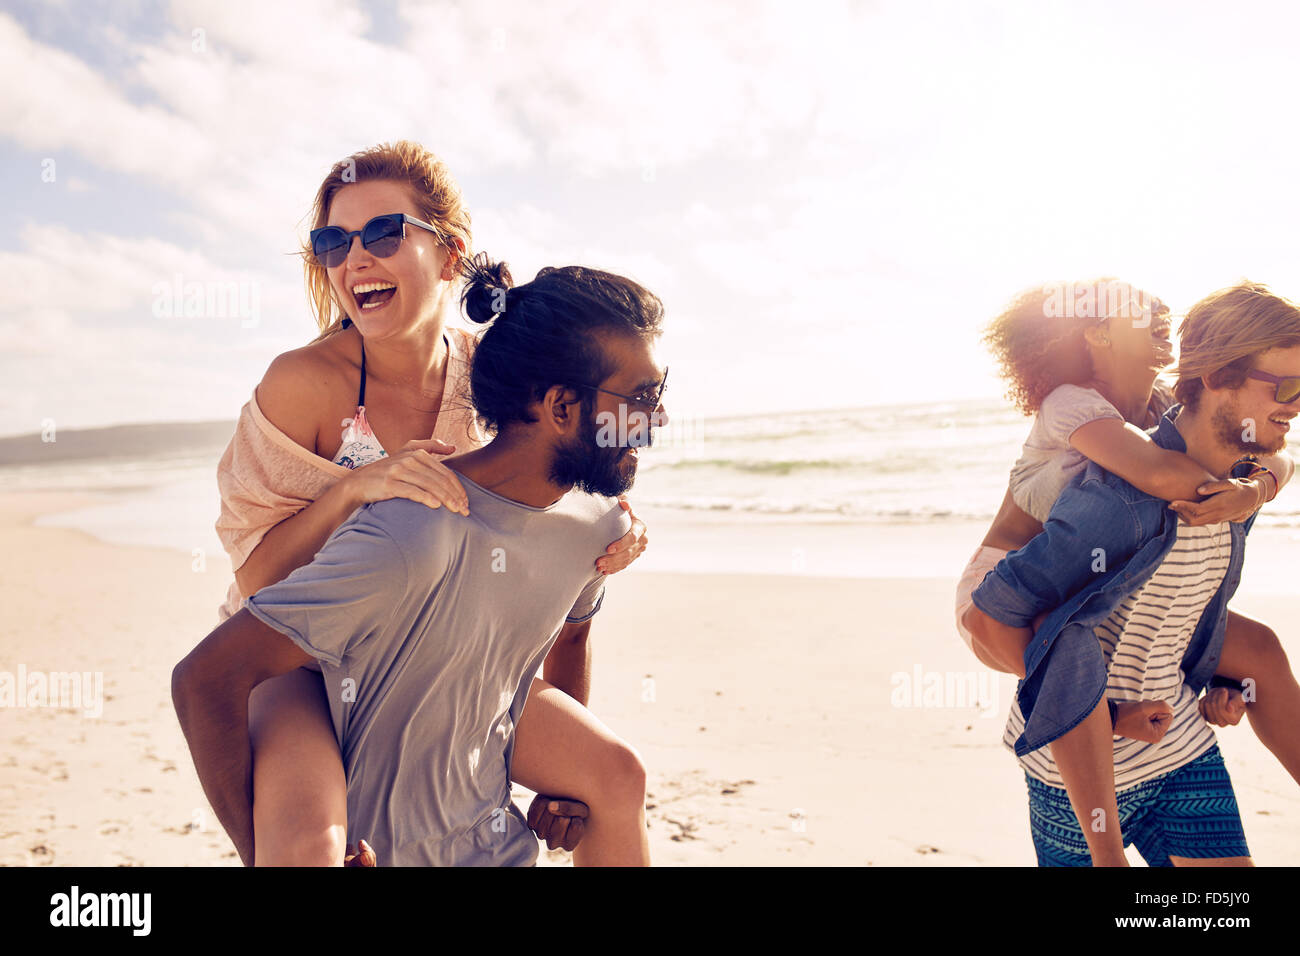 Felice giovani uomini dando piggyback ride per donne sulla spiaggia. Diversi gruppi di giovani aventi il divertimento Immagini Stock